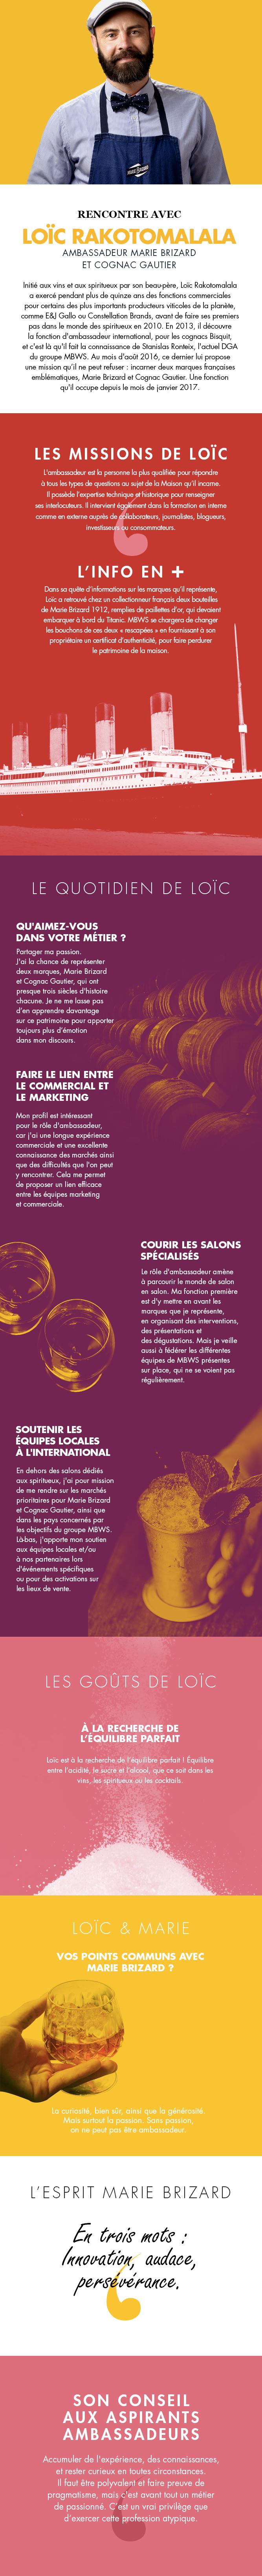 lieux de rencontre cognac jmc rencontre